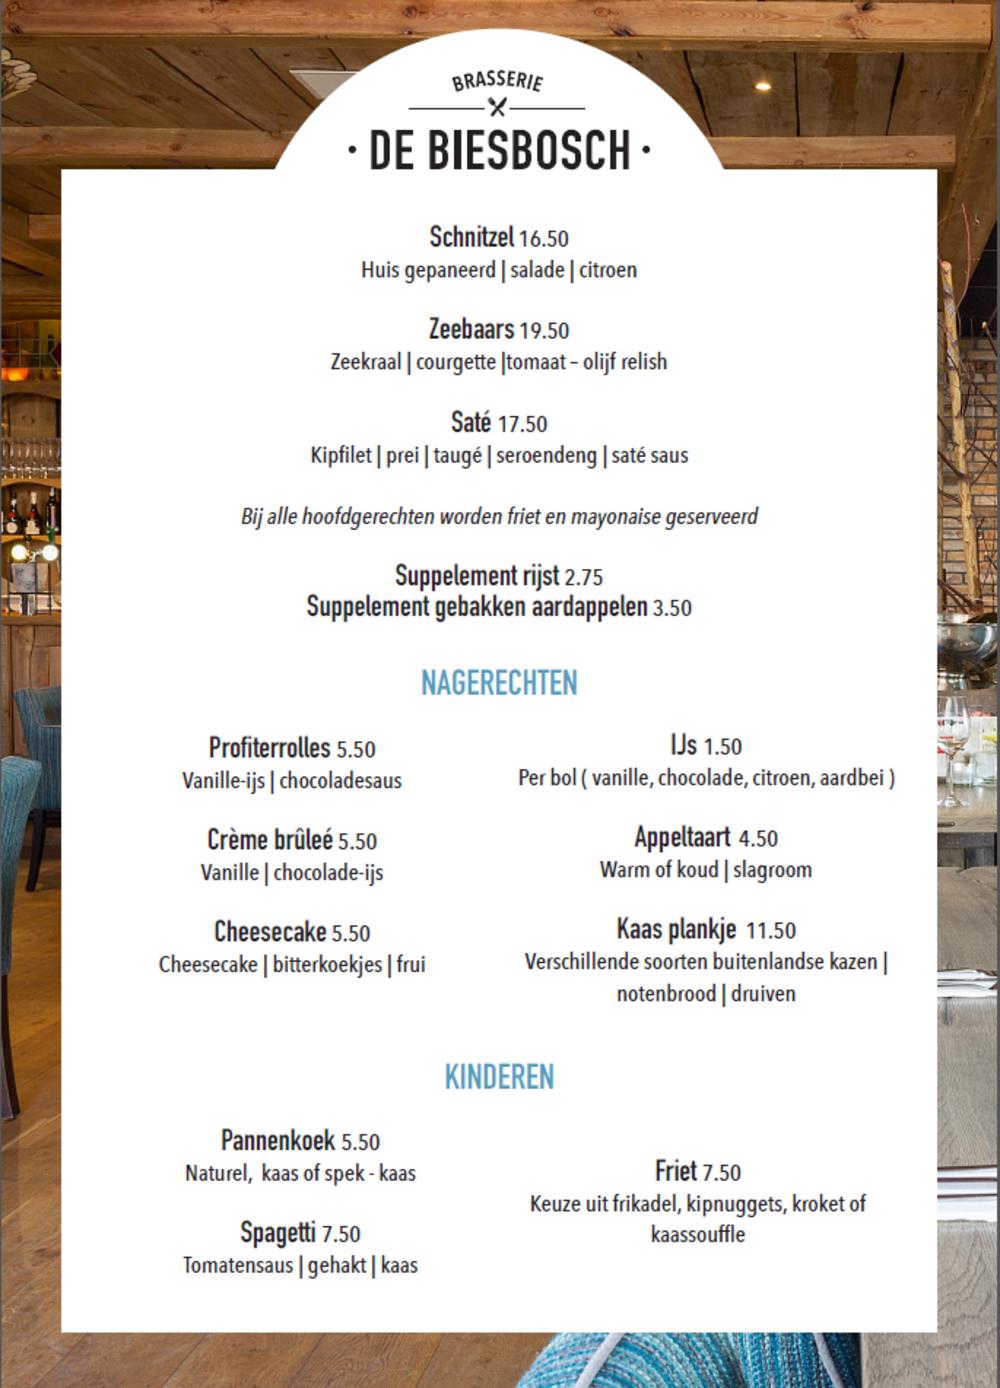 Menu Brasserie De Biesbosch